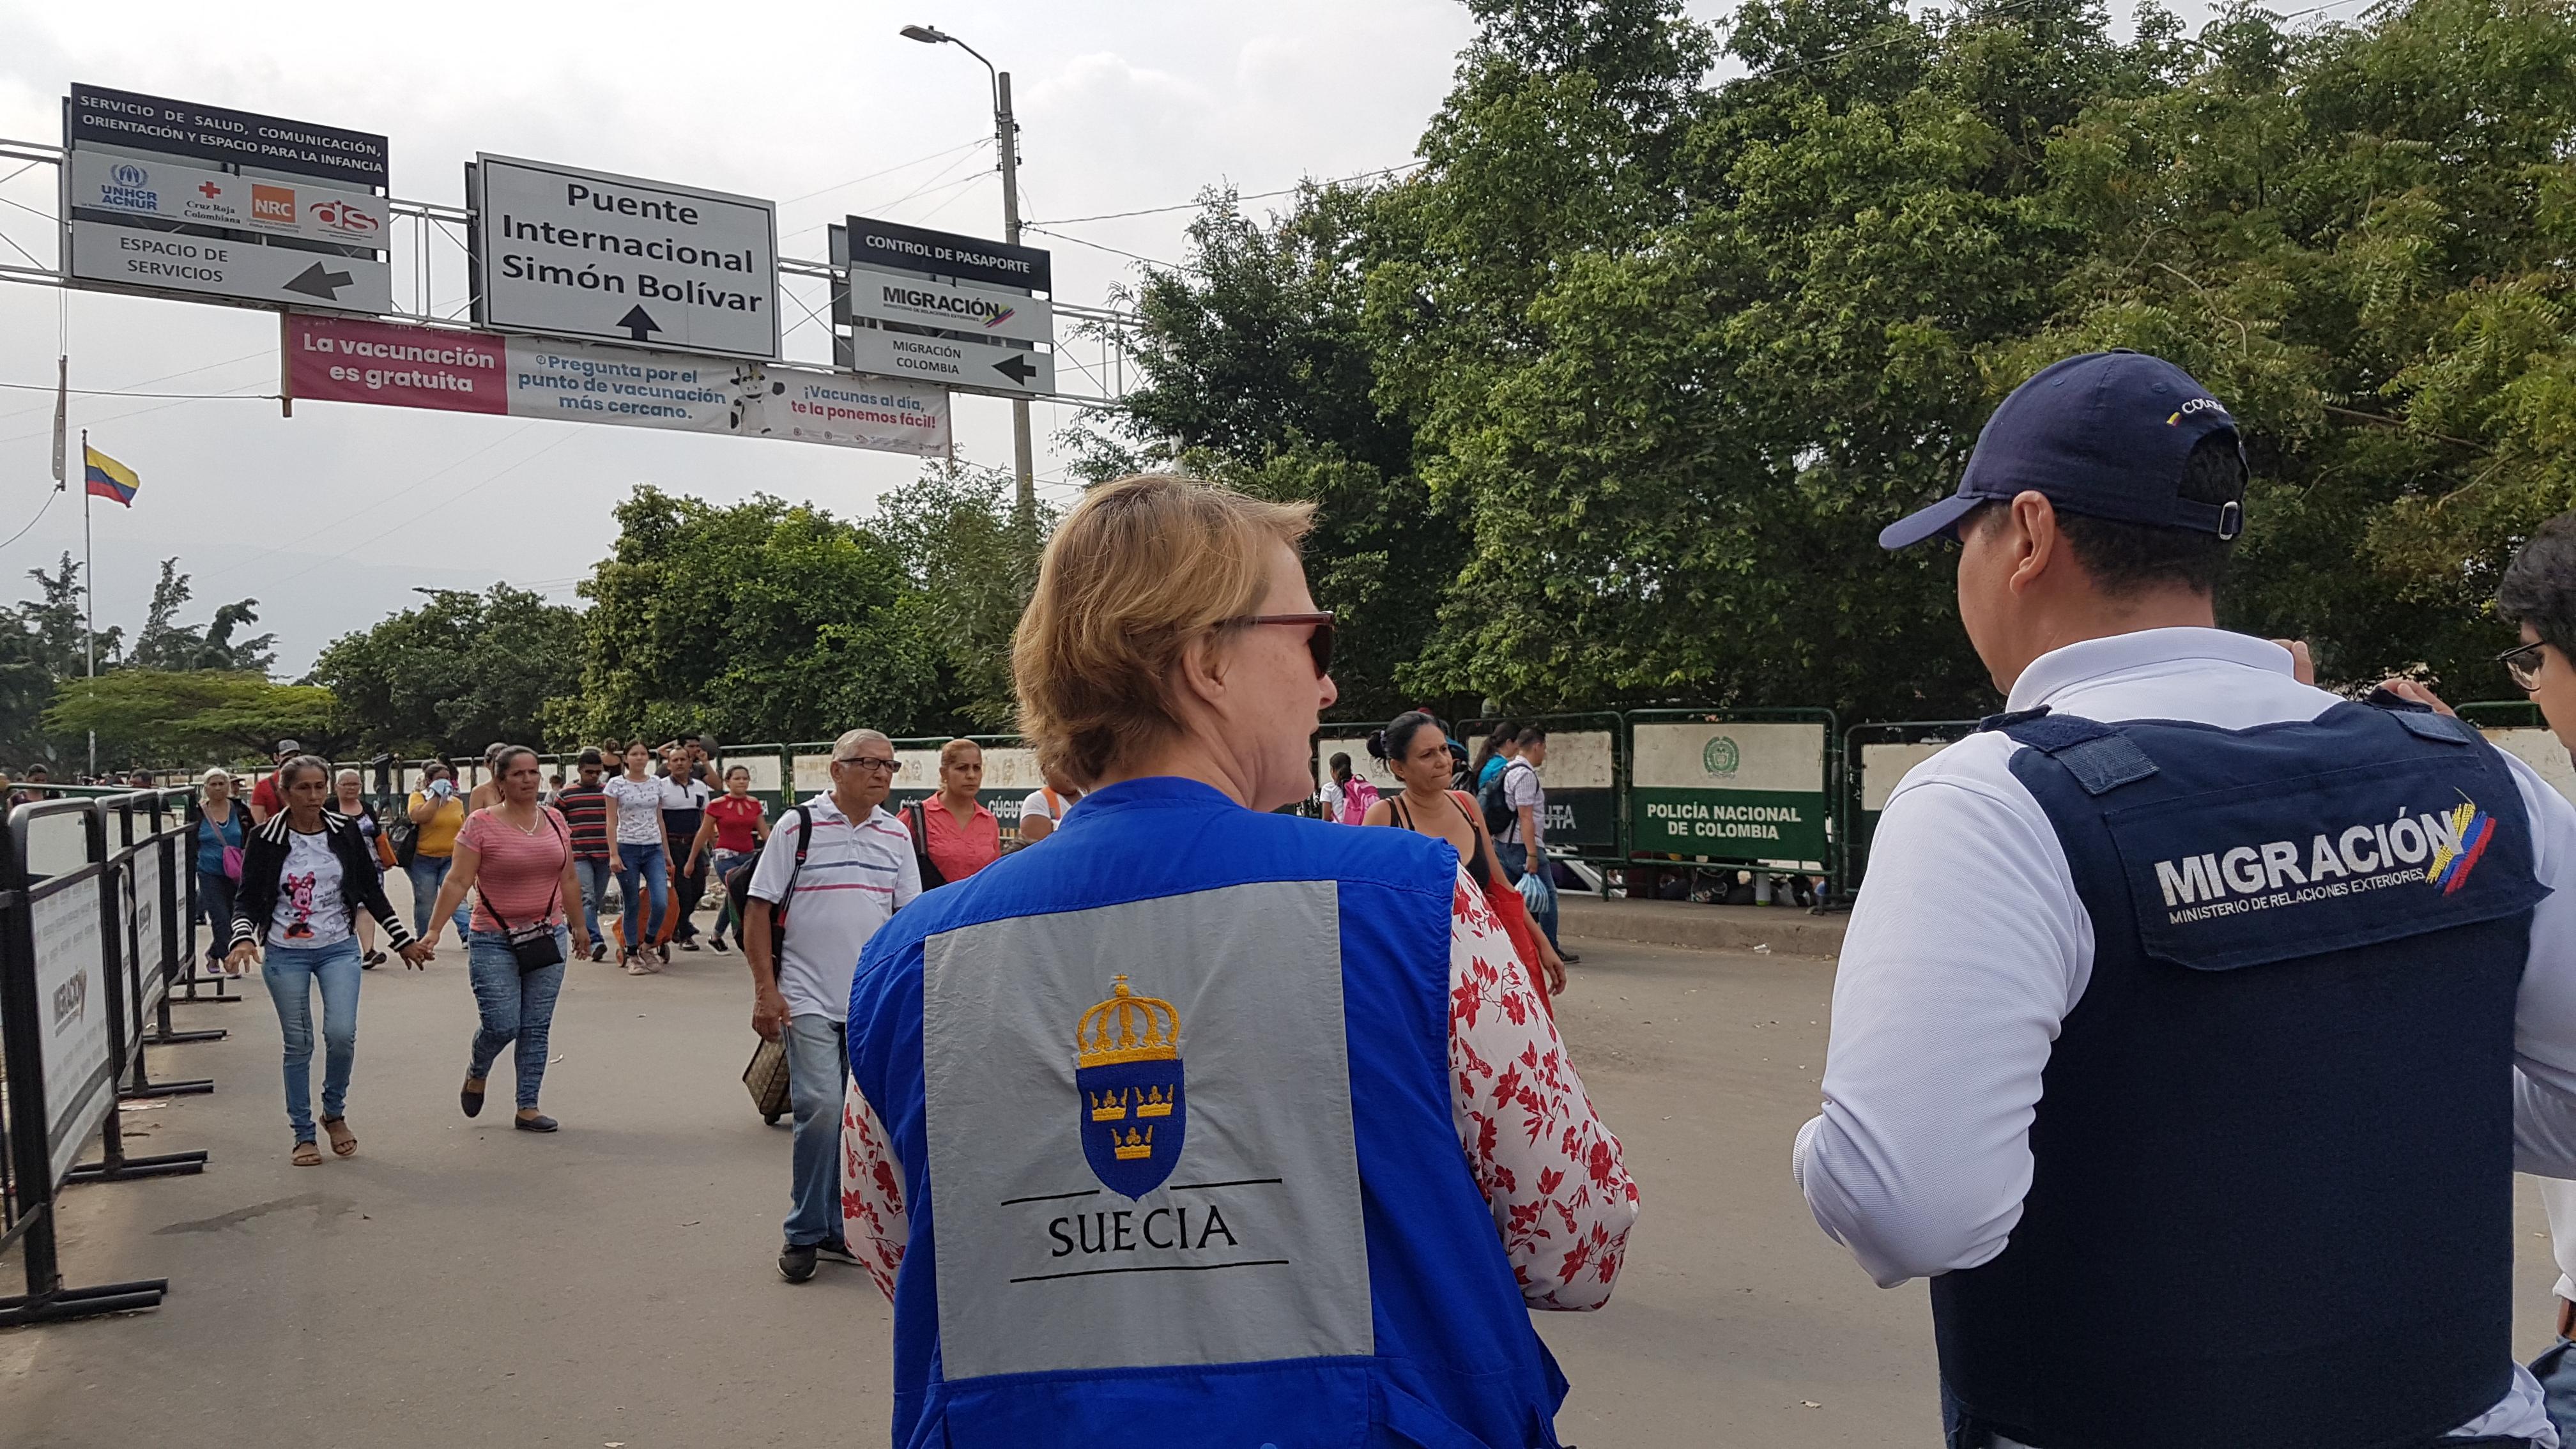 Cancillería Y Oficial Del Programa De La Unidad Humanitaria De La Agencia Sueca De Cooperación Internacional Para El Desarrollo Evaluaron La Situación De Los Migrantes Venezolanos En Cúcuta Cancillería